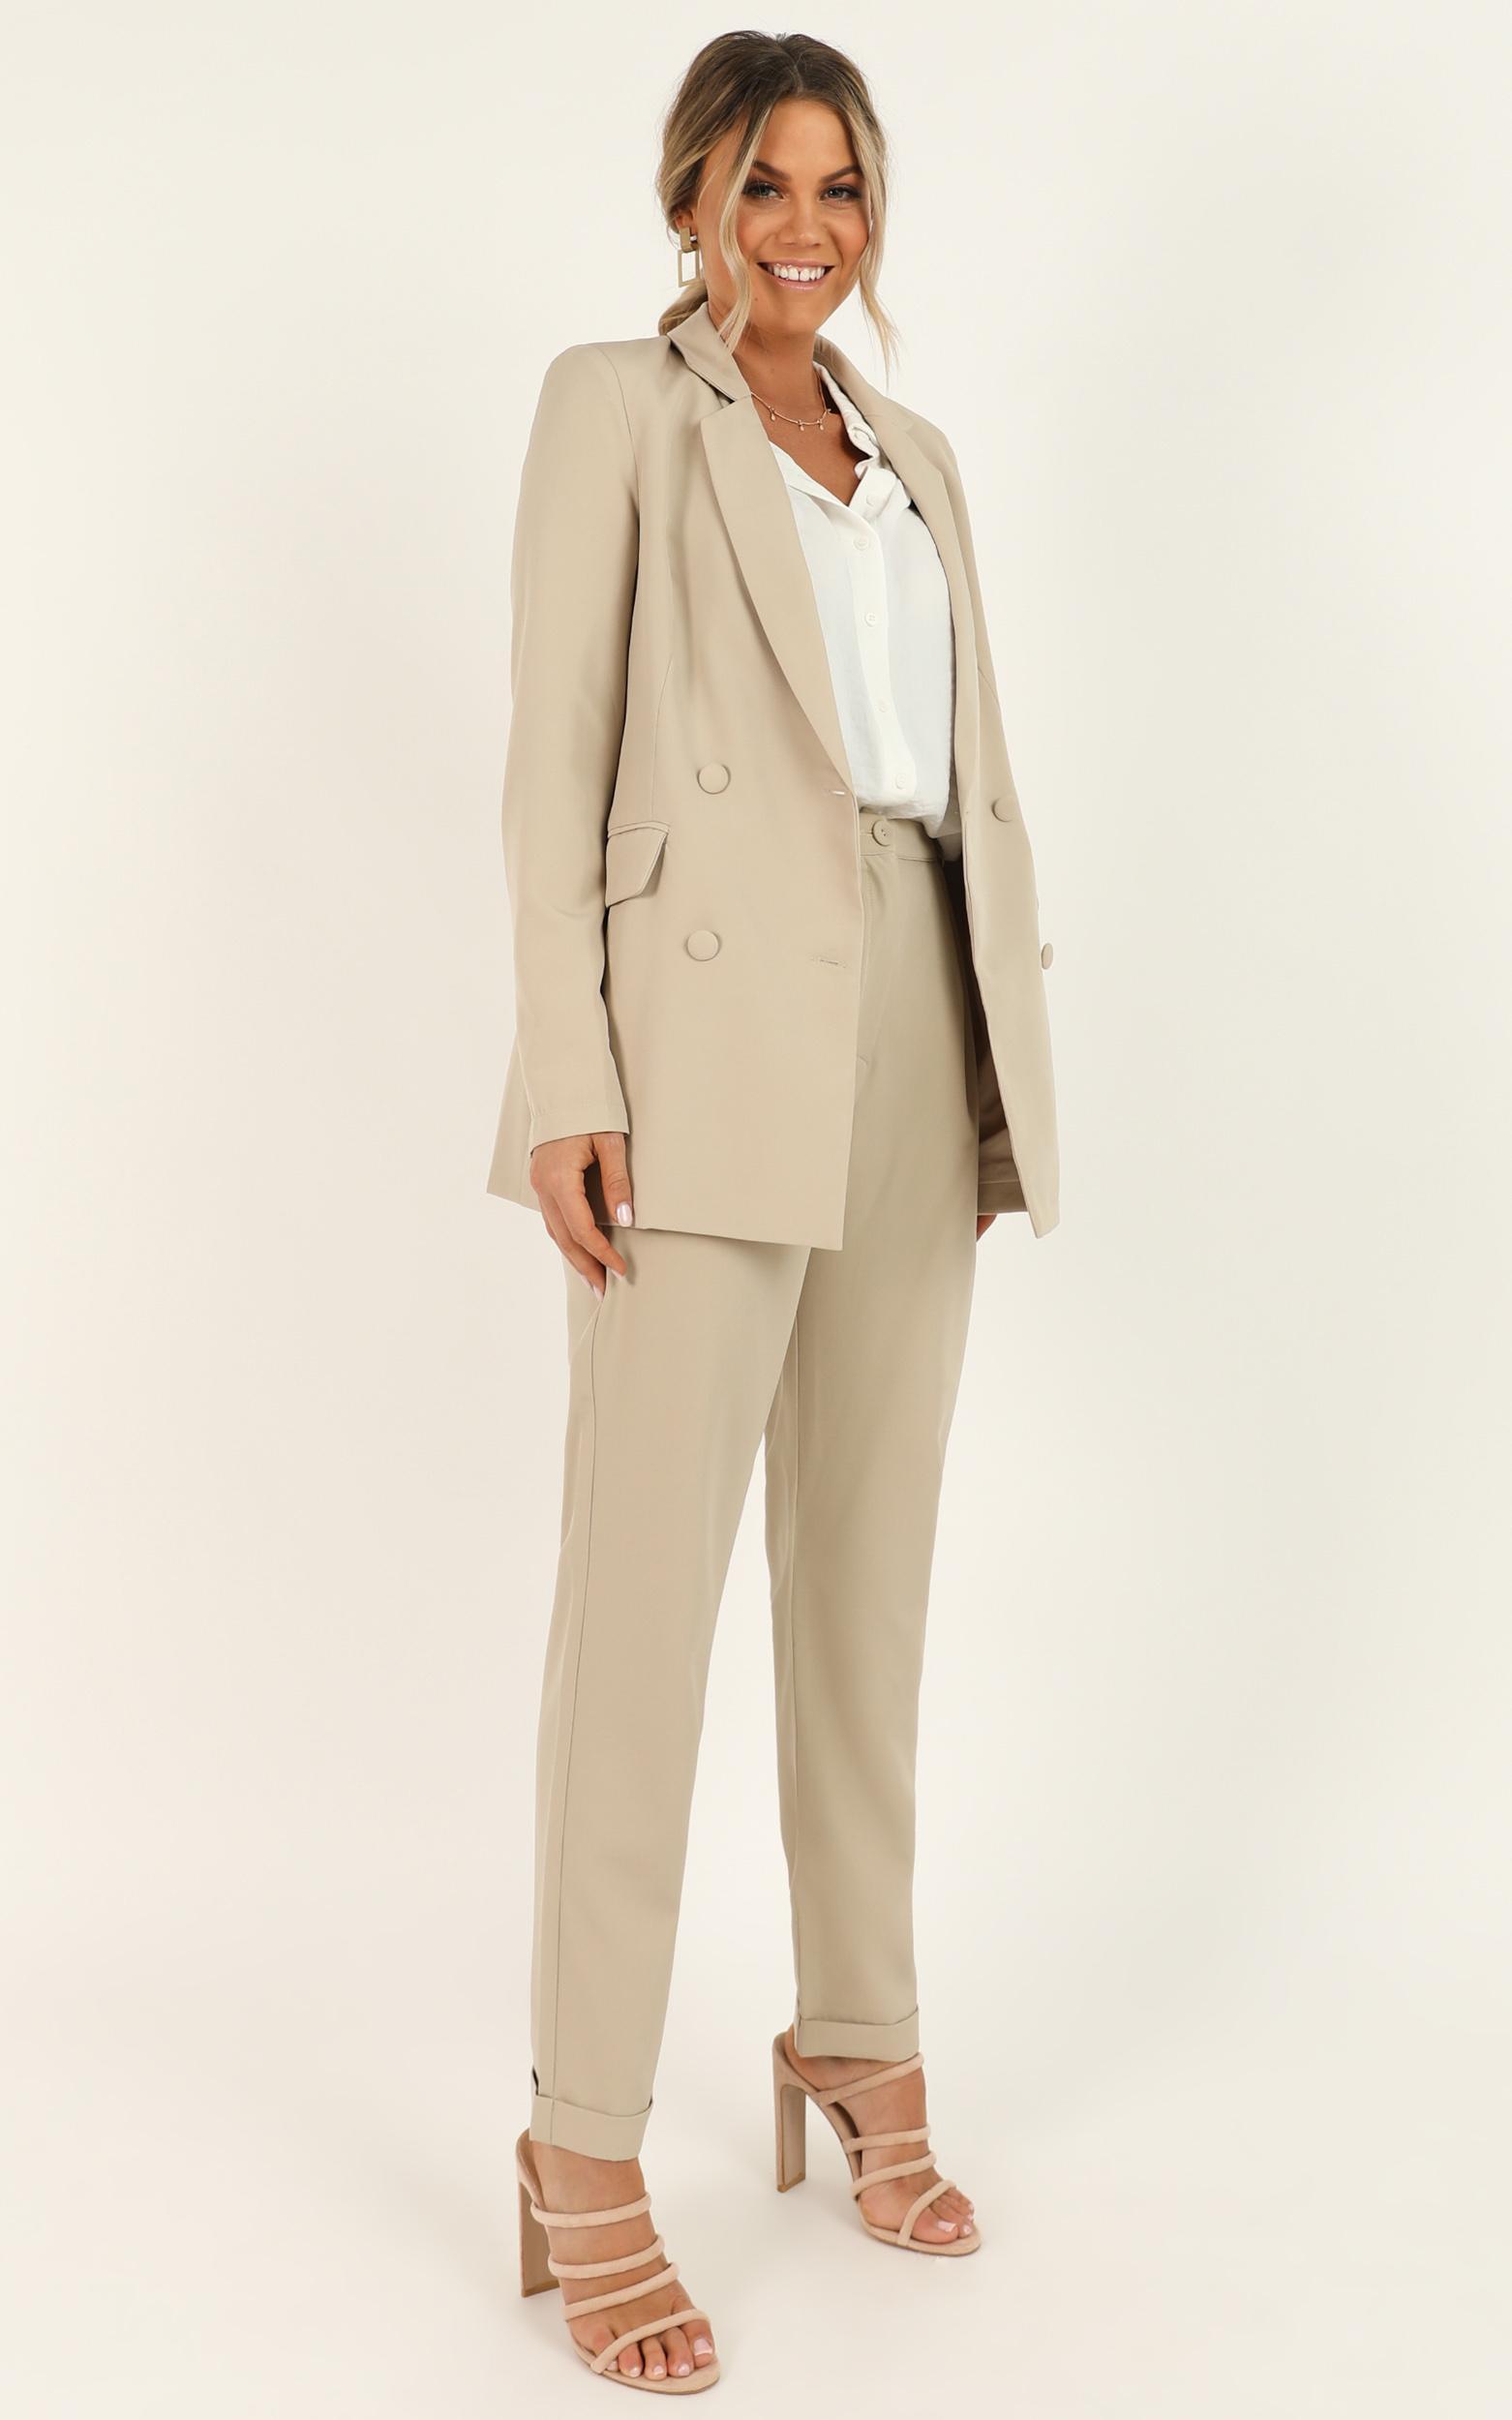 Corporate Vision Blazer in beige - 20 (XXXXL), Beige, hi-res image number null